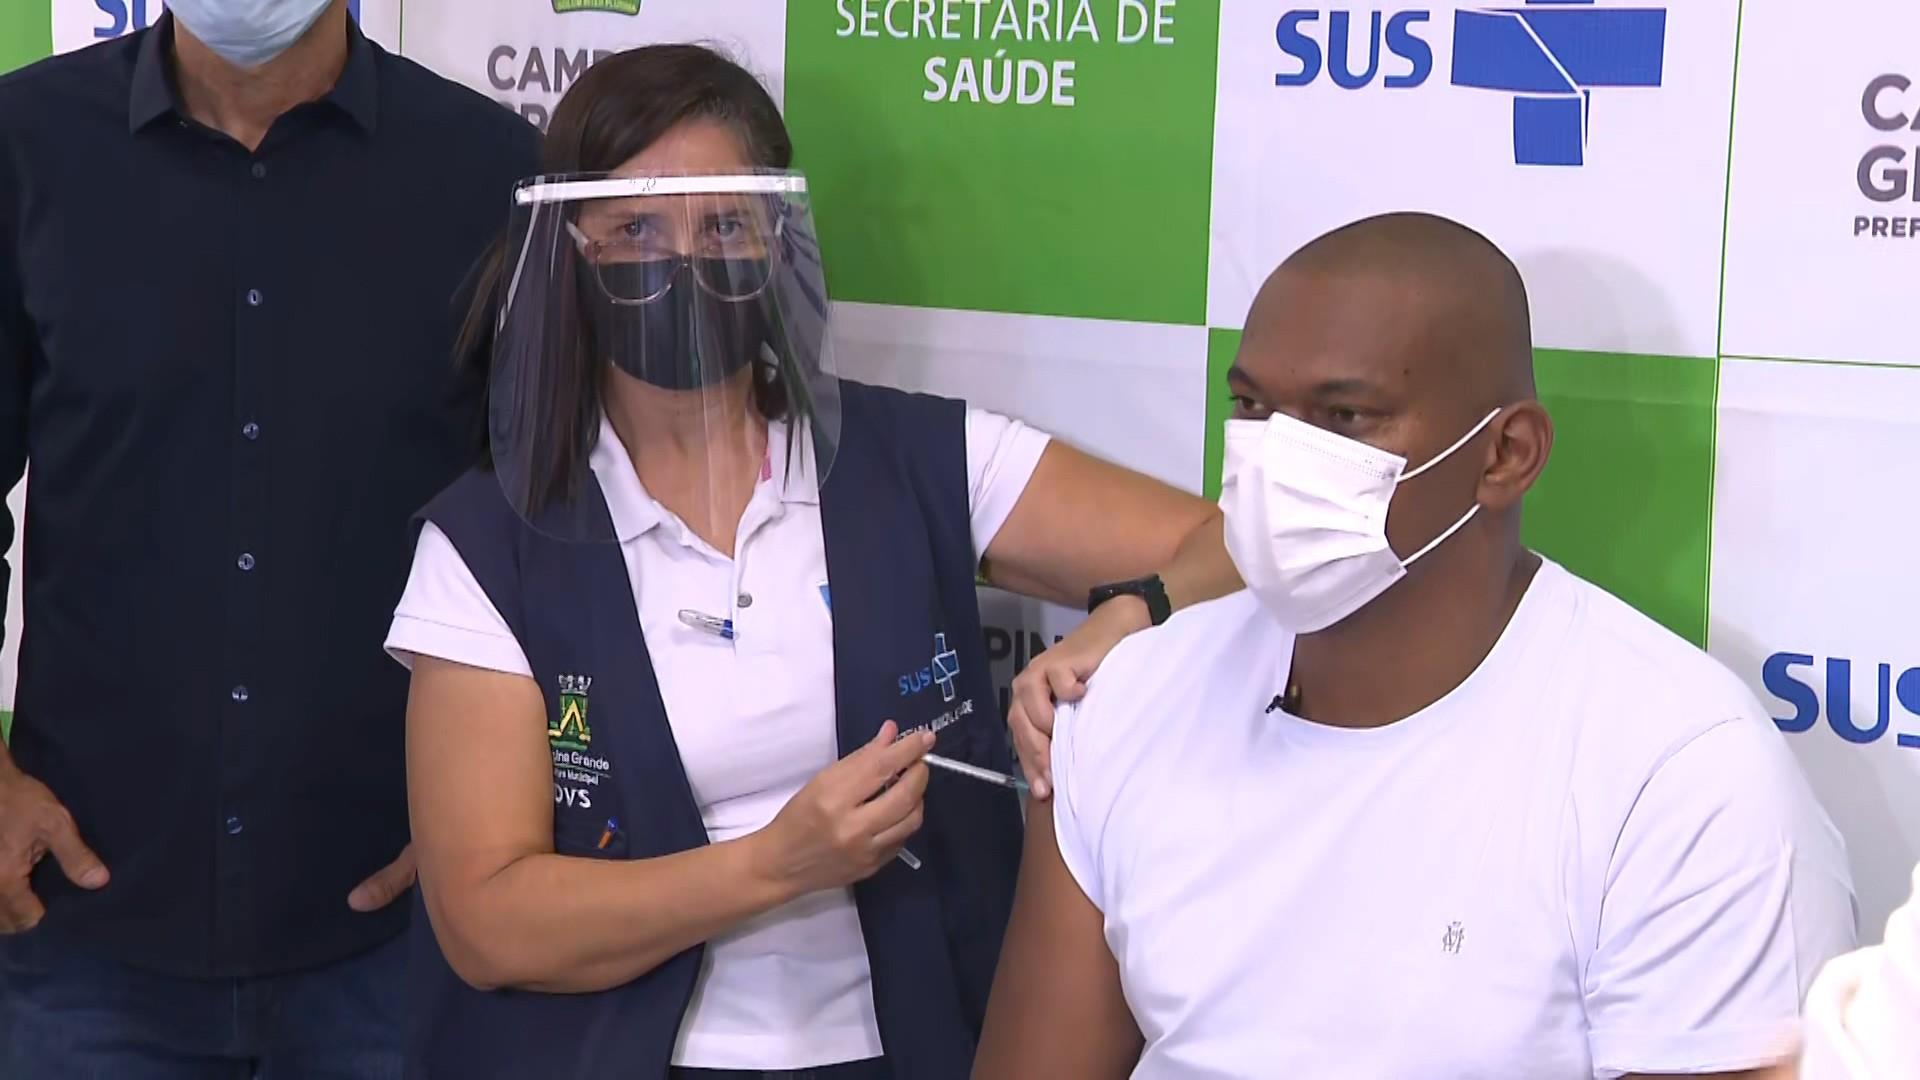 Técnico de enfermagem que dormiu em terraço para não infectar mãe com Covid-19 é o 1º vacinado, em Campina Grande